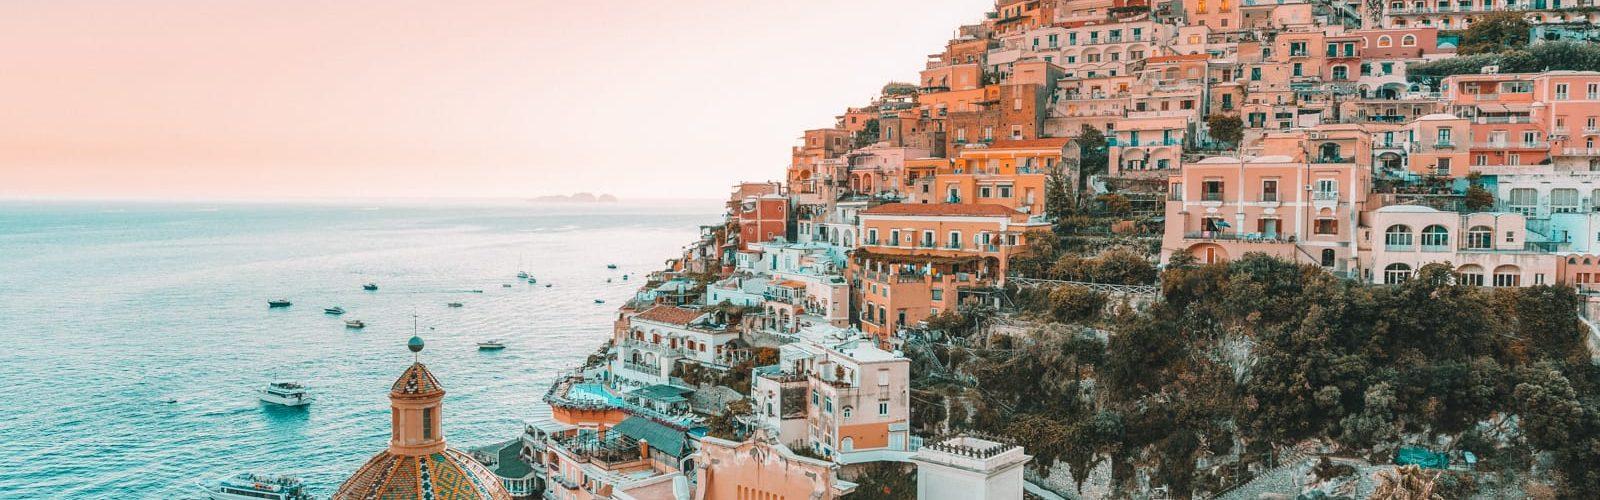 أفضل وقت لزيارة إيطاليا